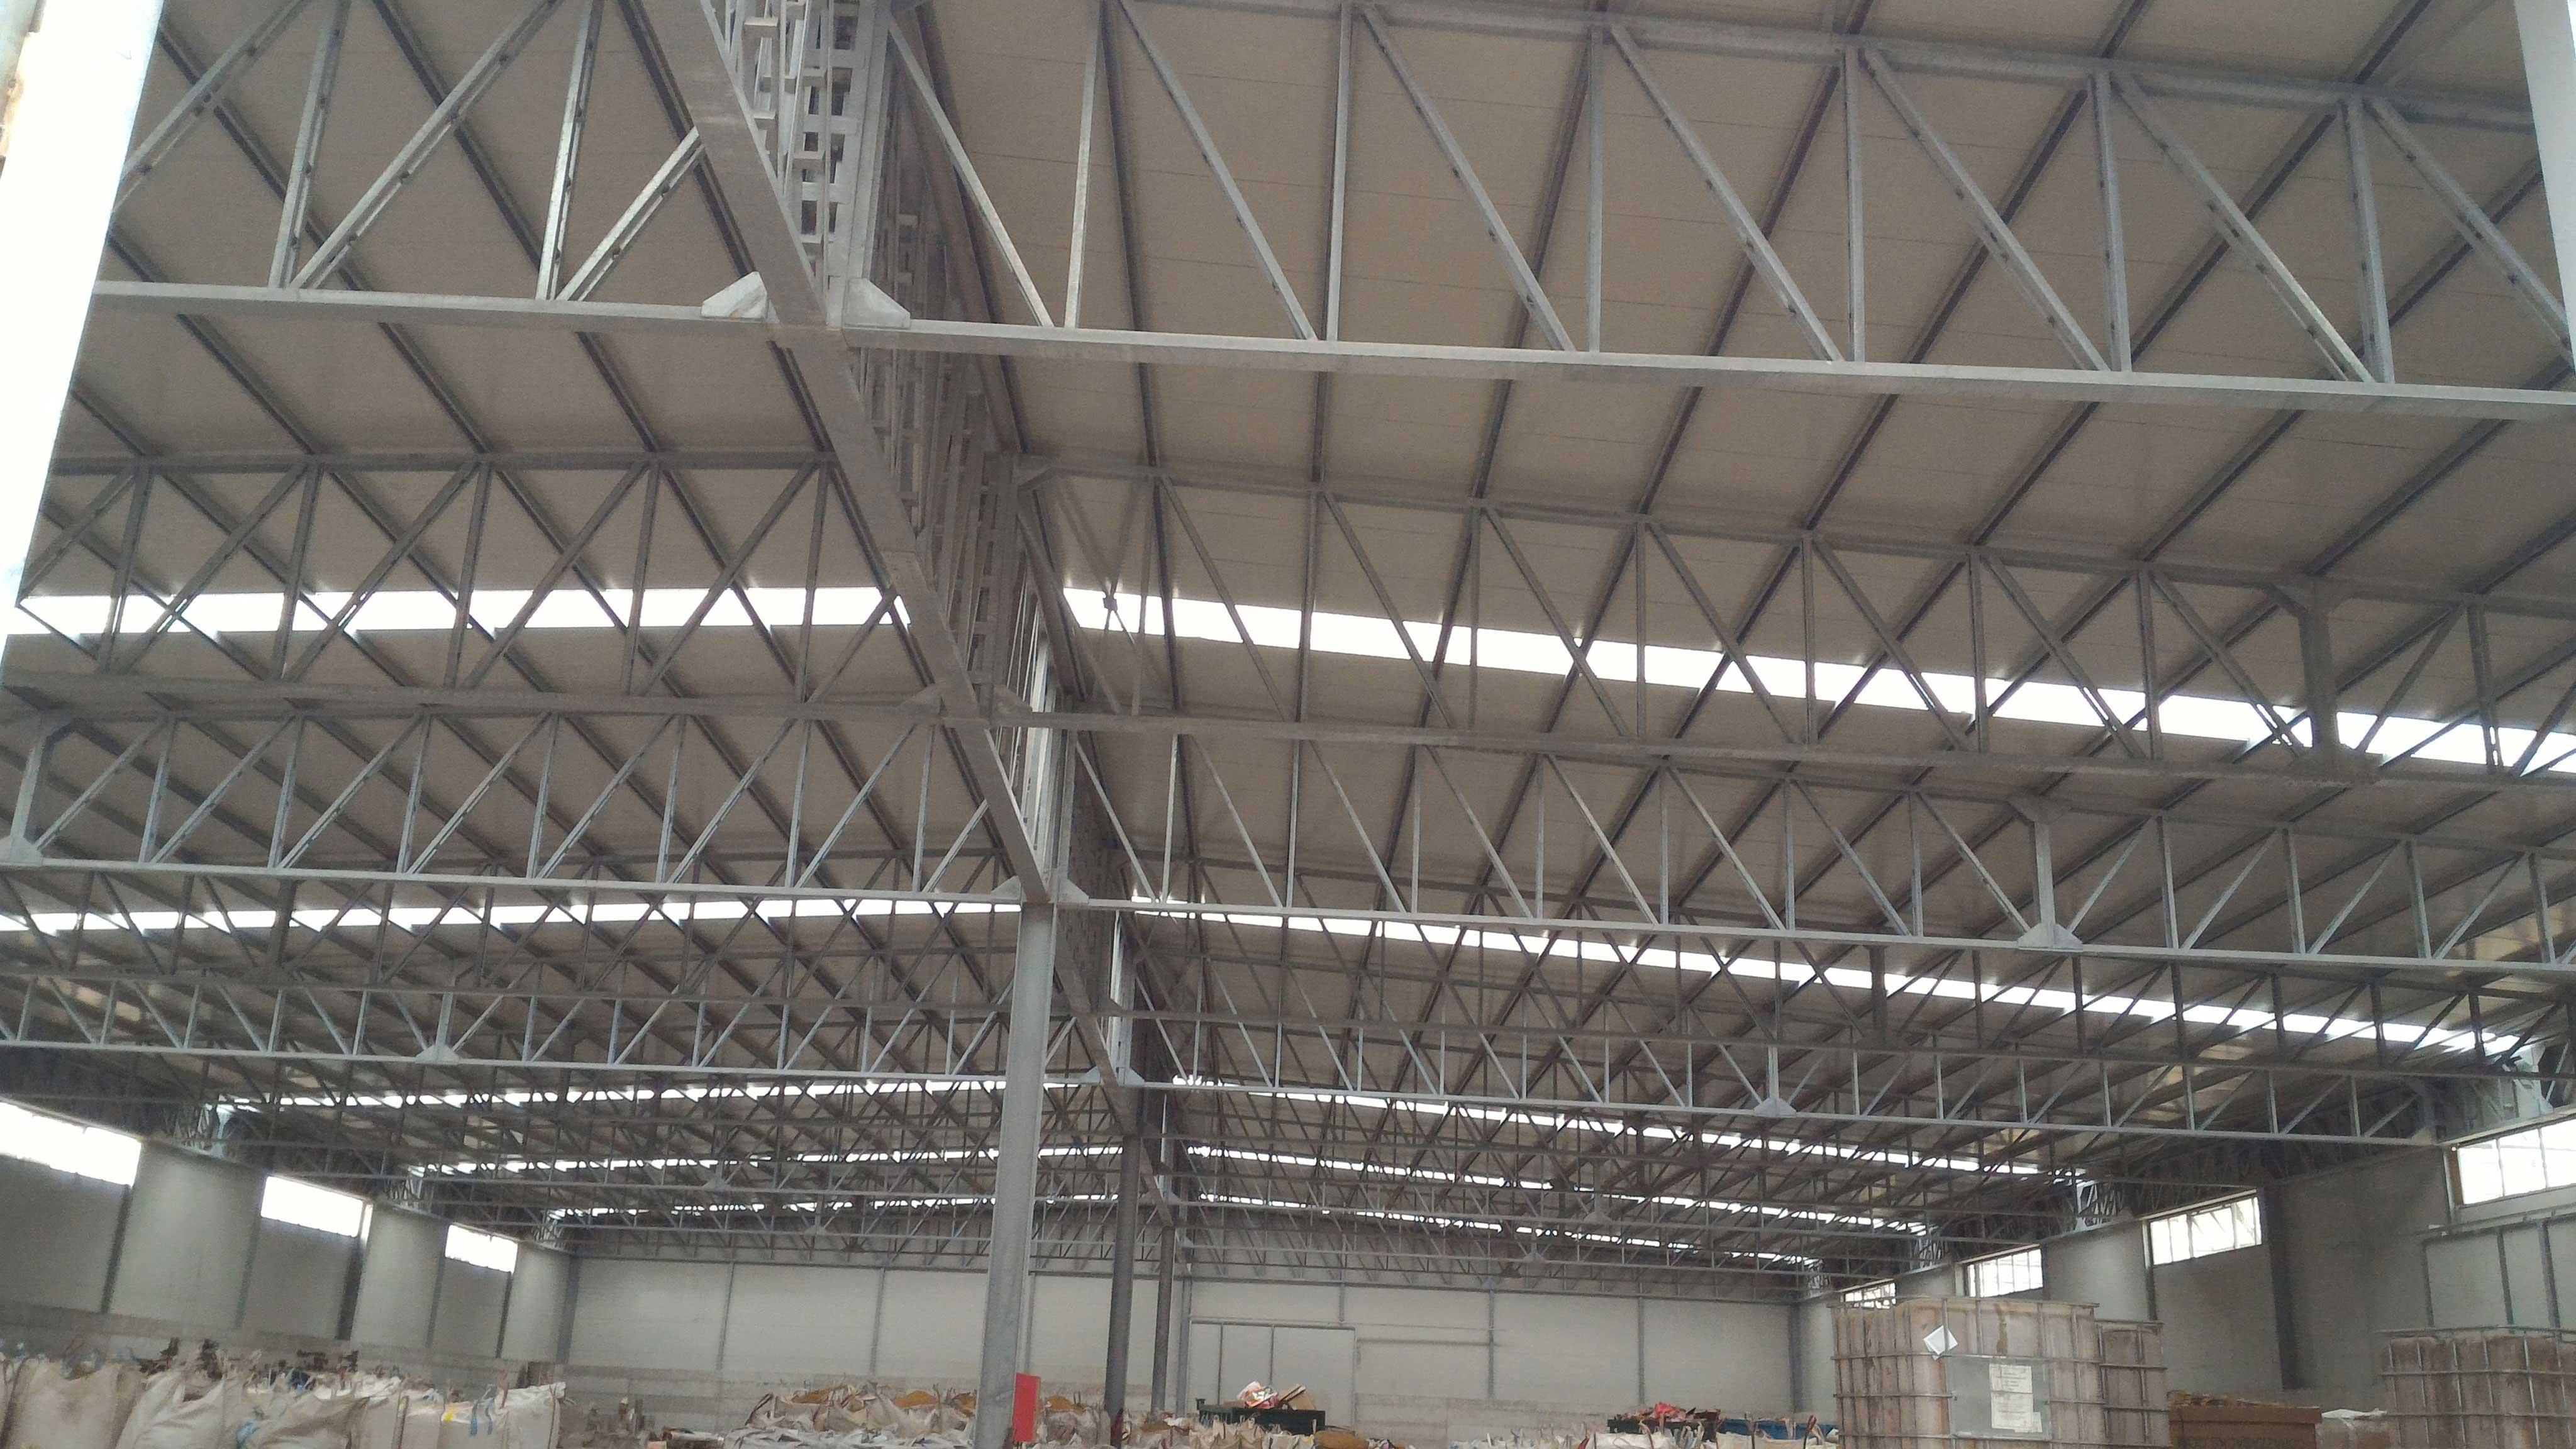 Delle travi in ferro all'interno dello stabile che sorreggono la copertura industriale